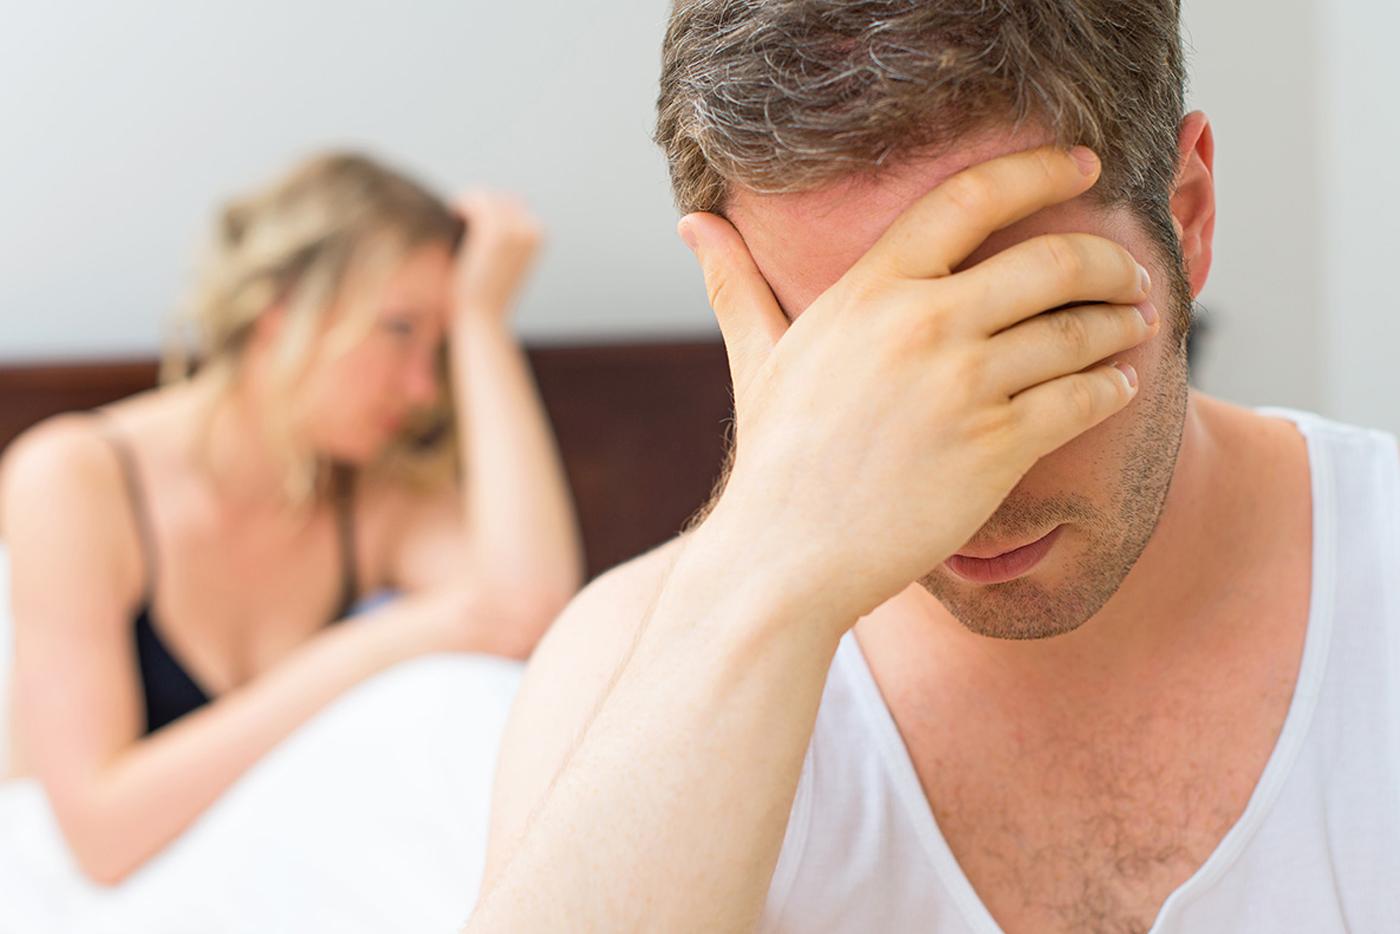 care este riscul unei erecții frecvente problemă de erecție la un bărbat de 50 de ani